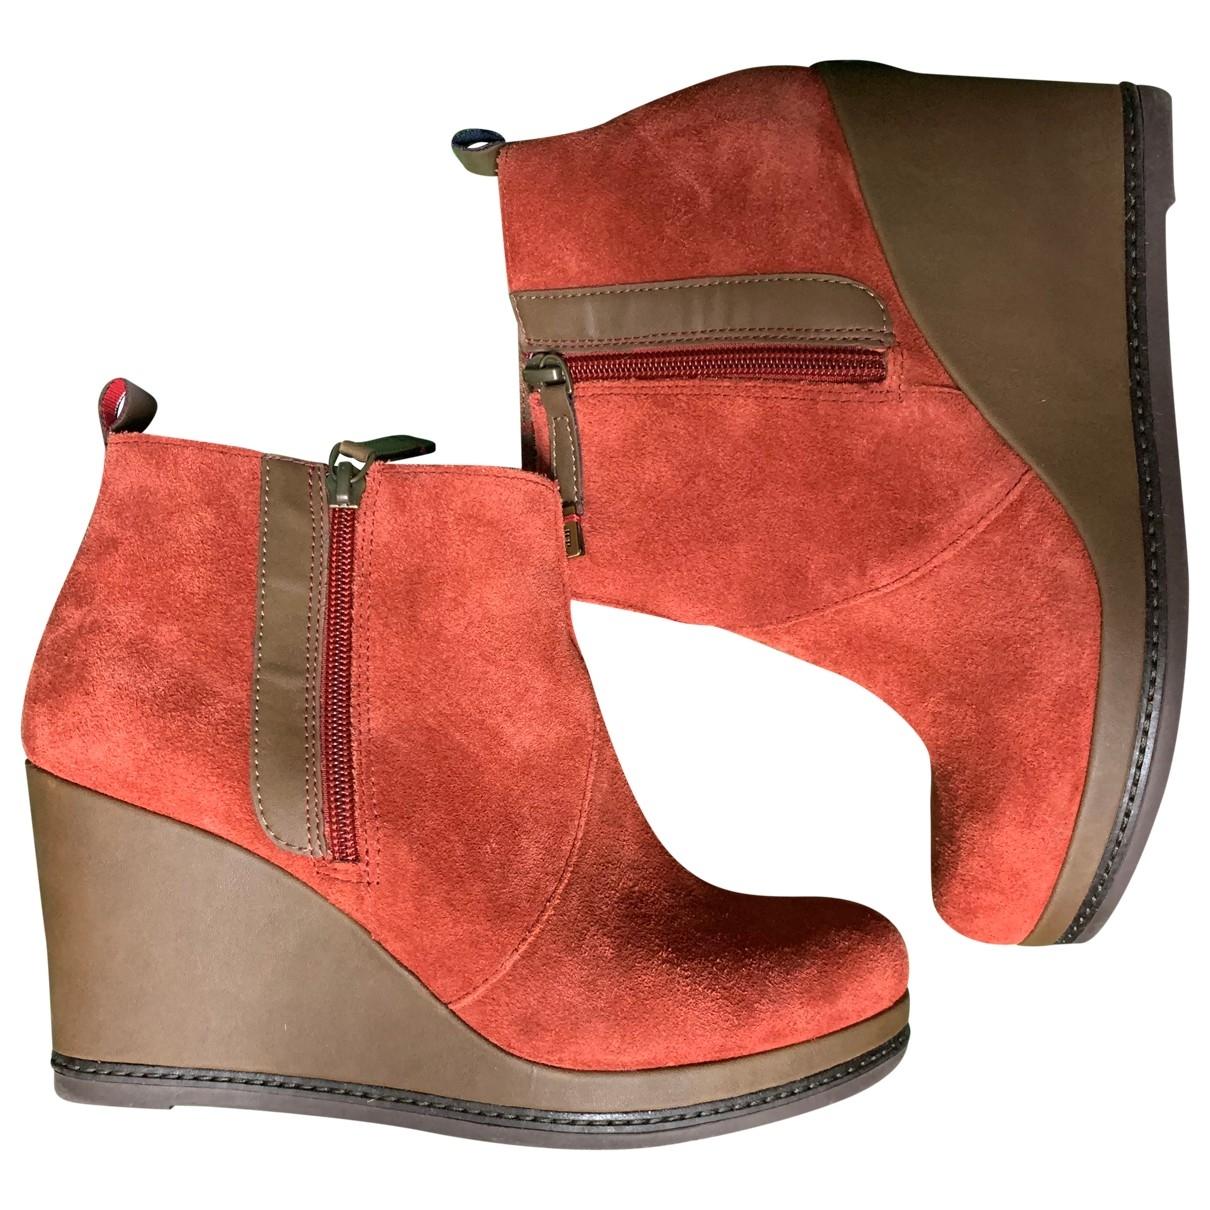 Tommy Hilfiger - Boots   pour femme en suede - marron